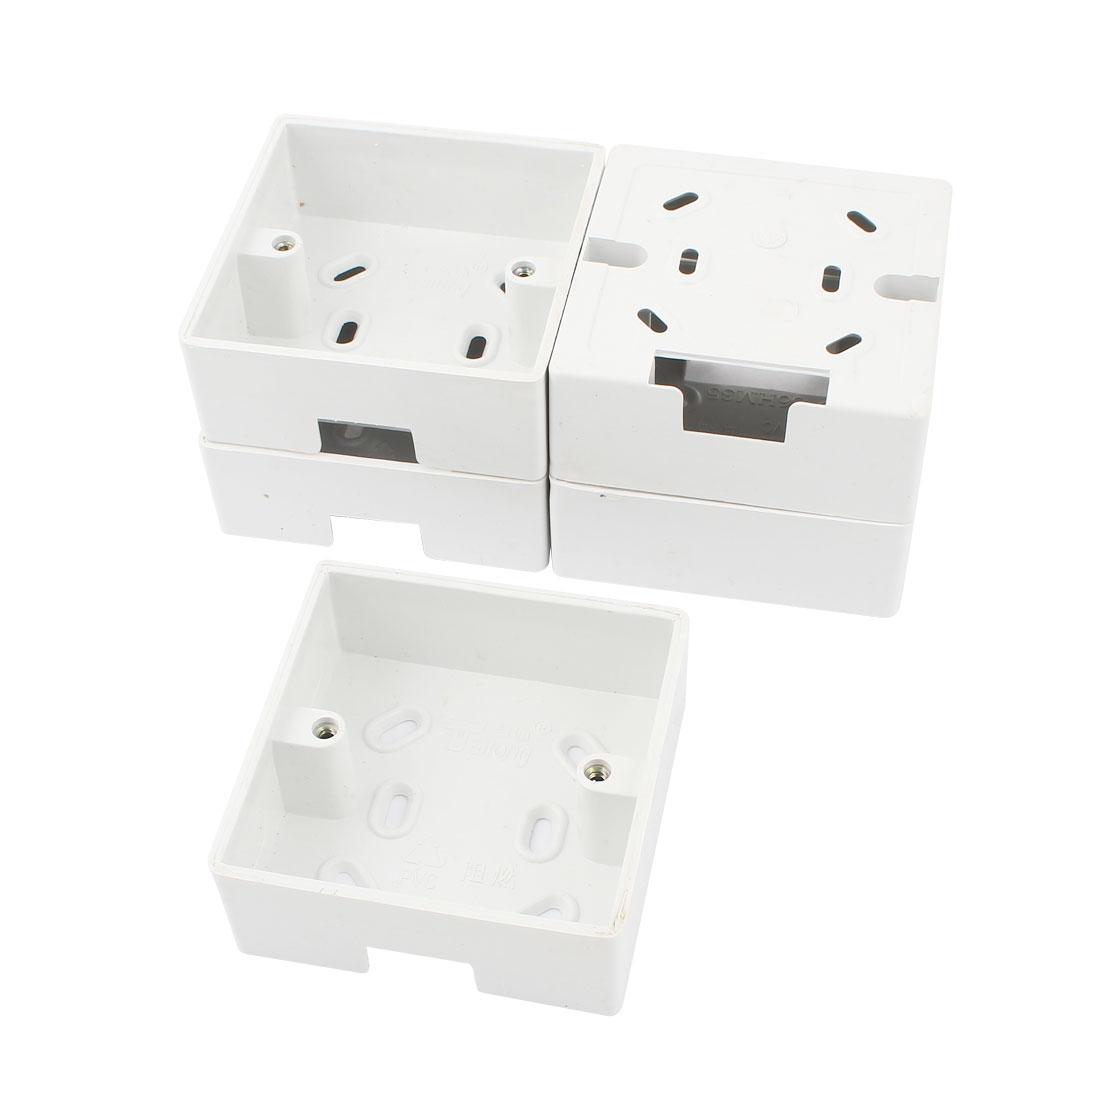 5 Pcs Flush Mount Single Gang PVC Pattress Back Box White 85x85x34mm